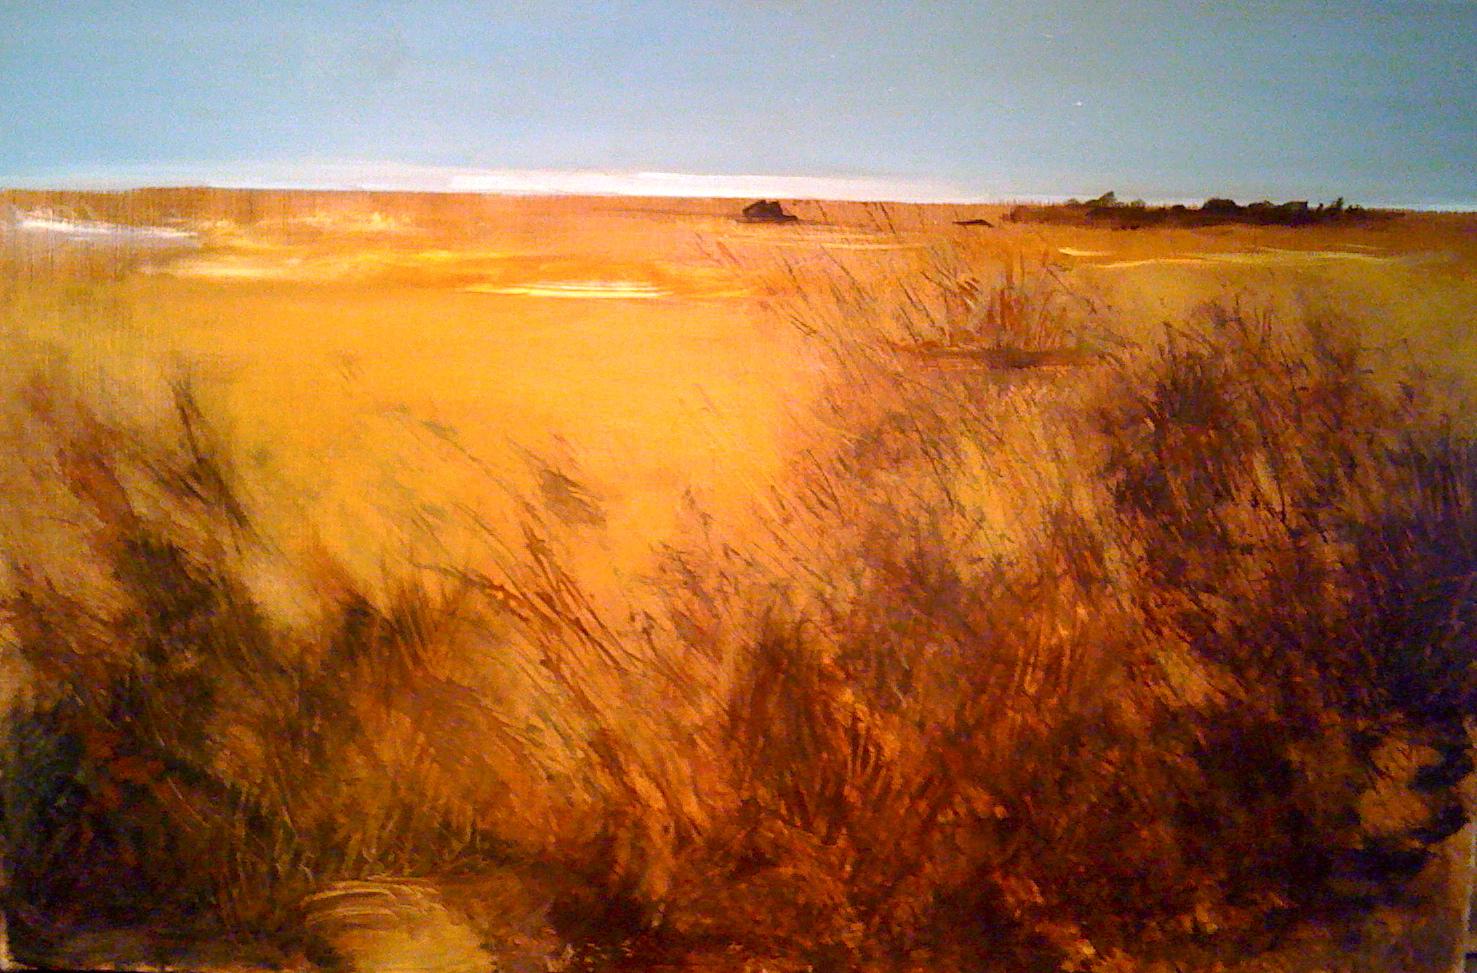 Tinicum Fields